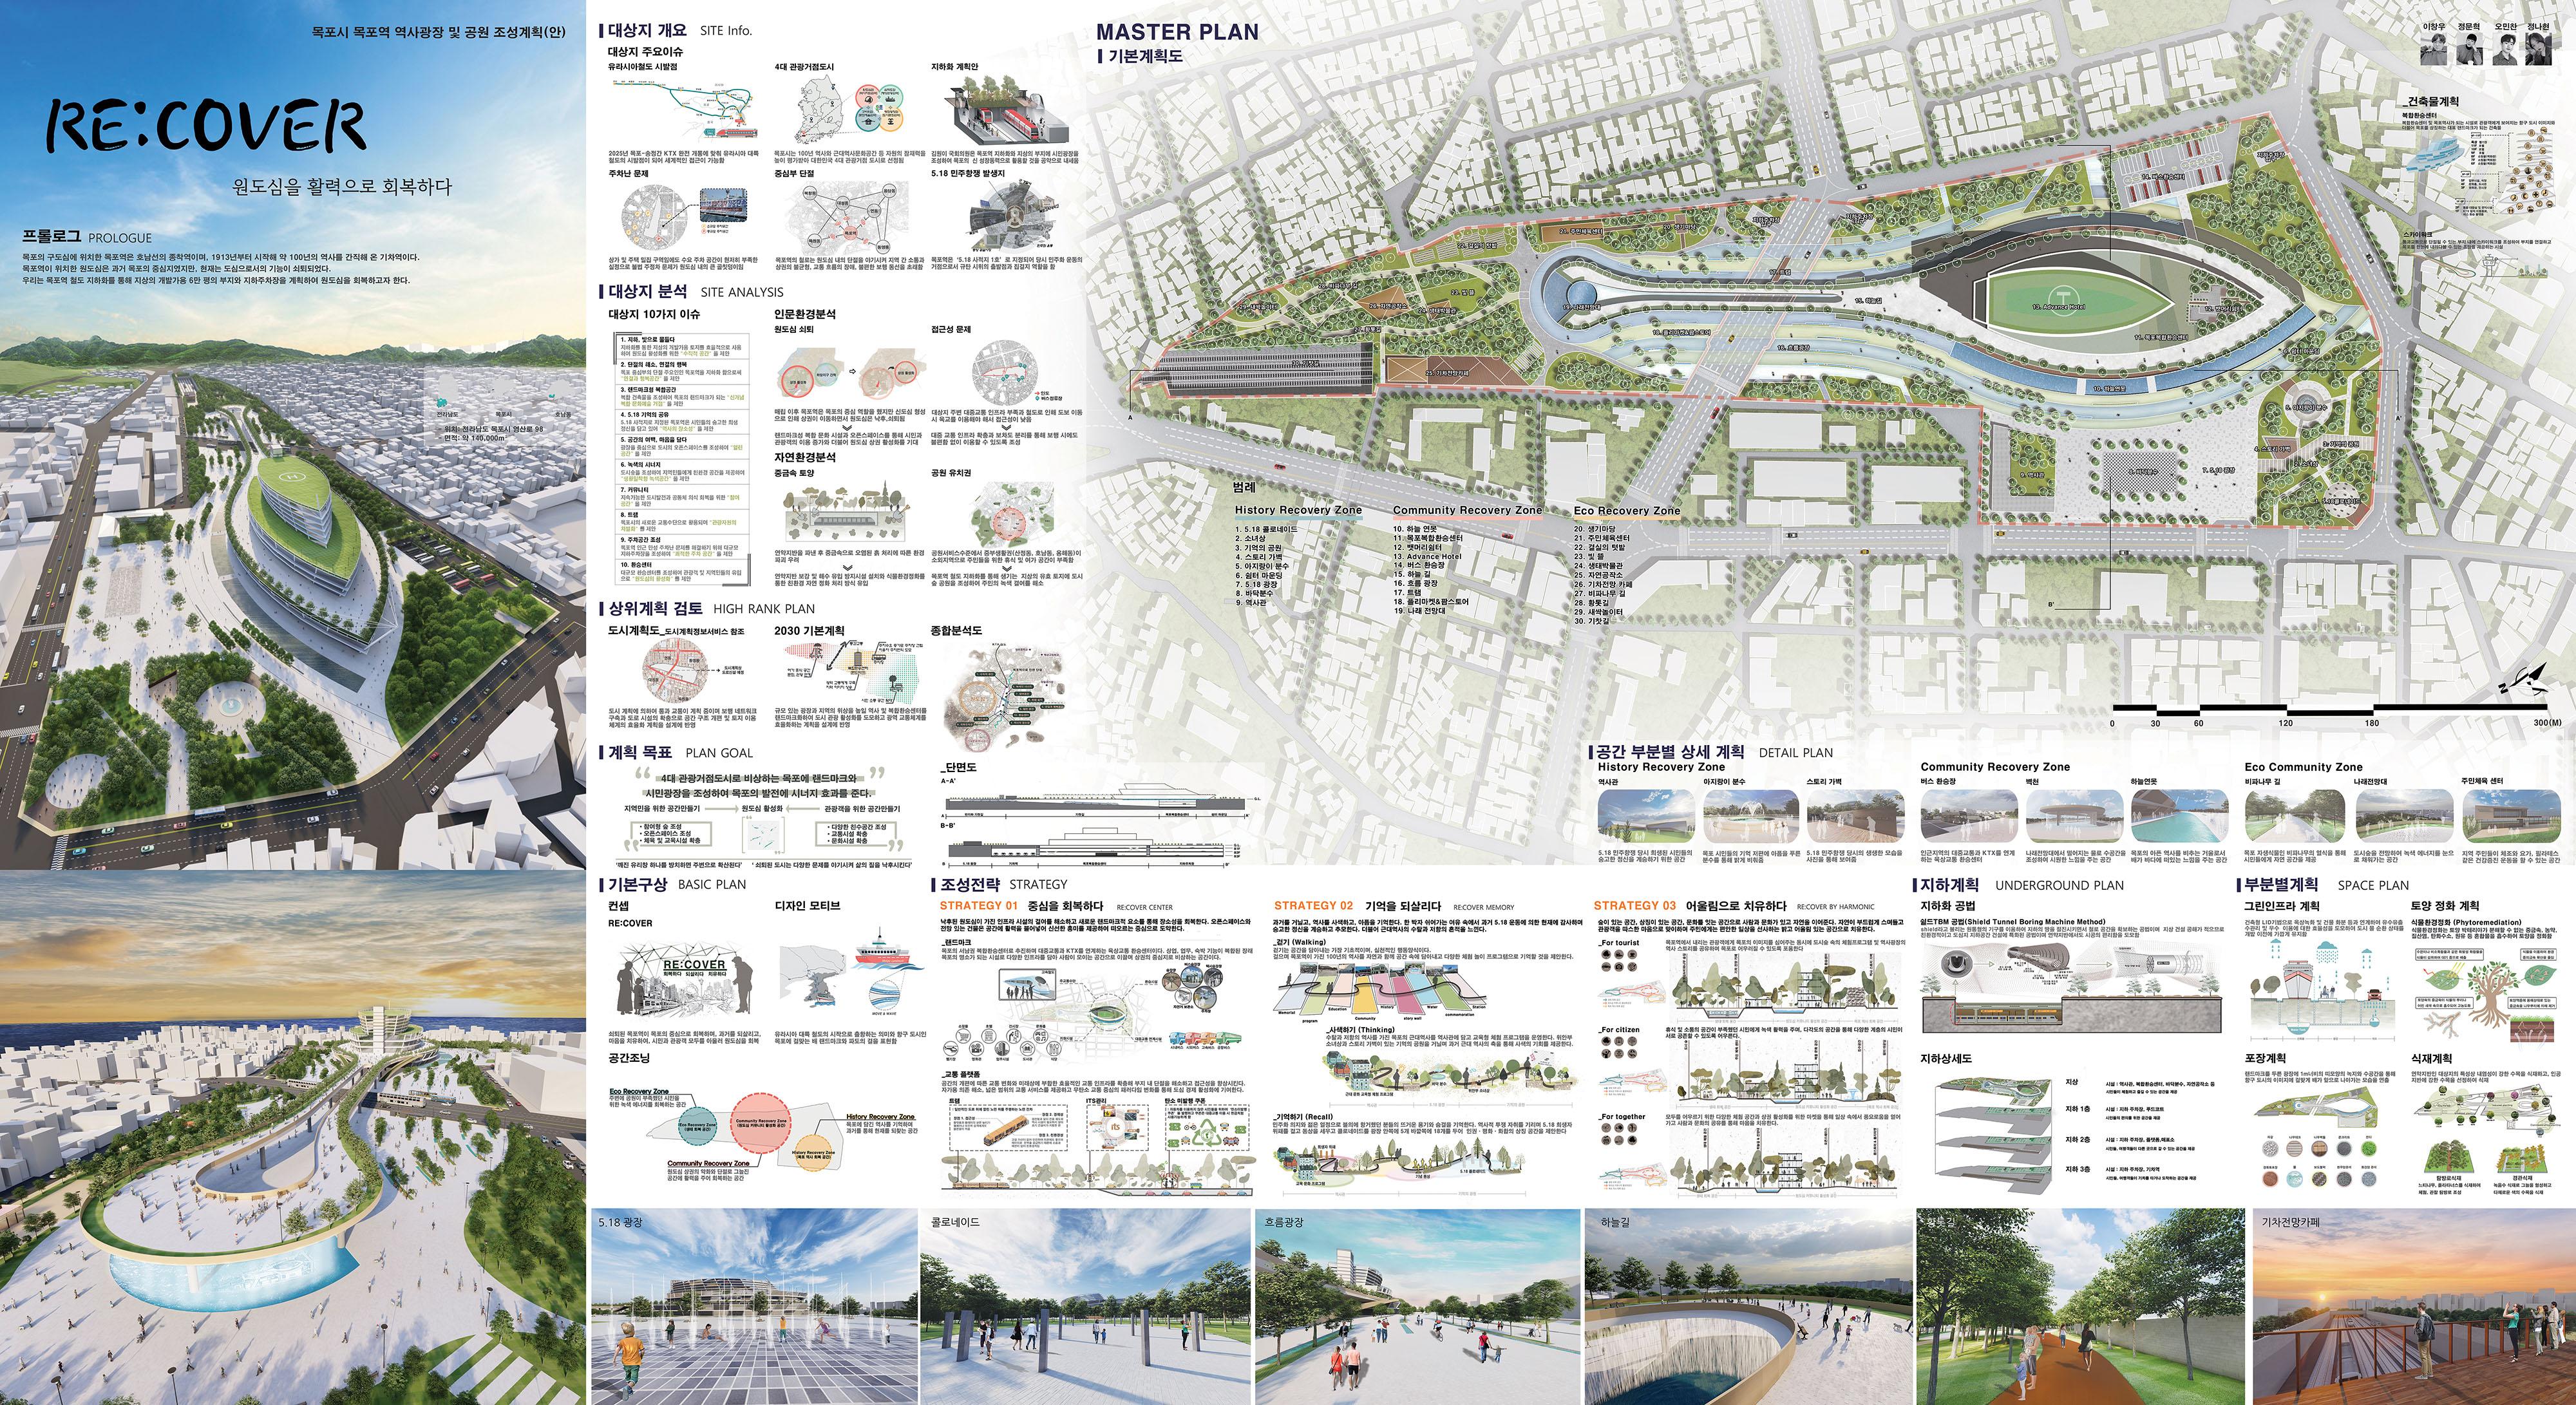 2021학년도 졸업작품(목포시 목포역 역사광장 및 공원 조성계획)